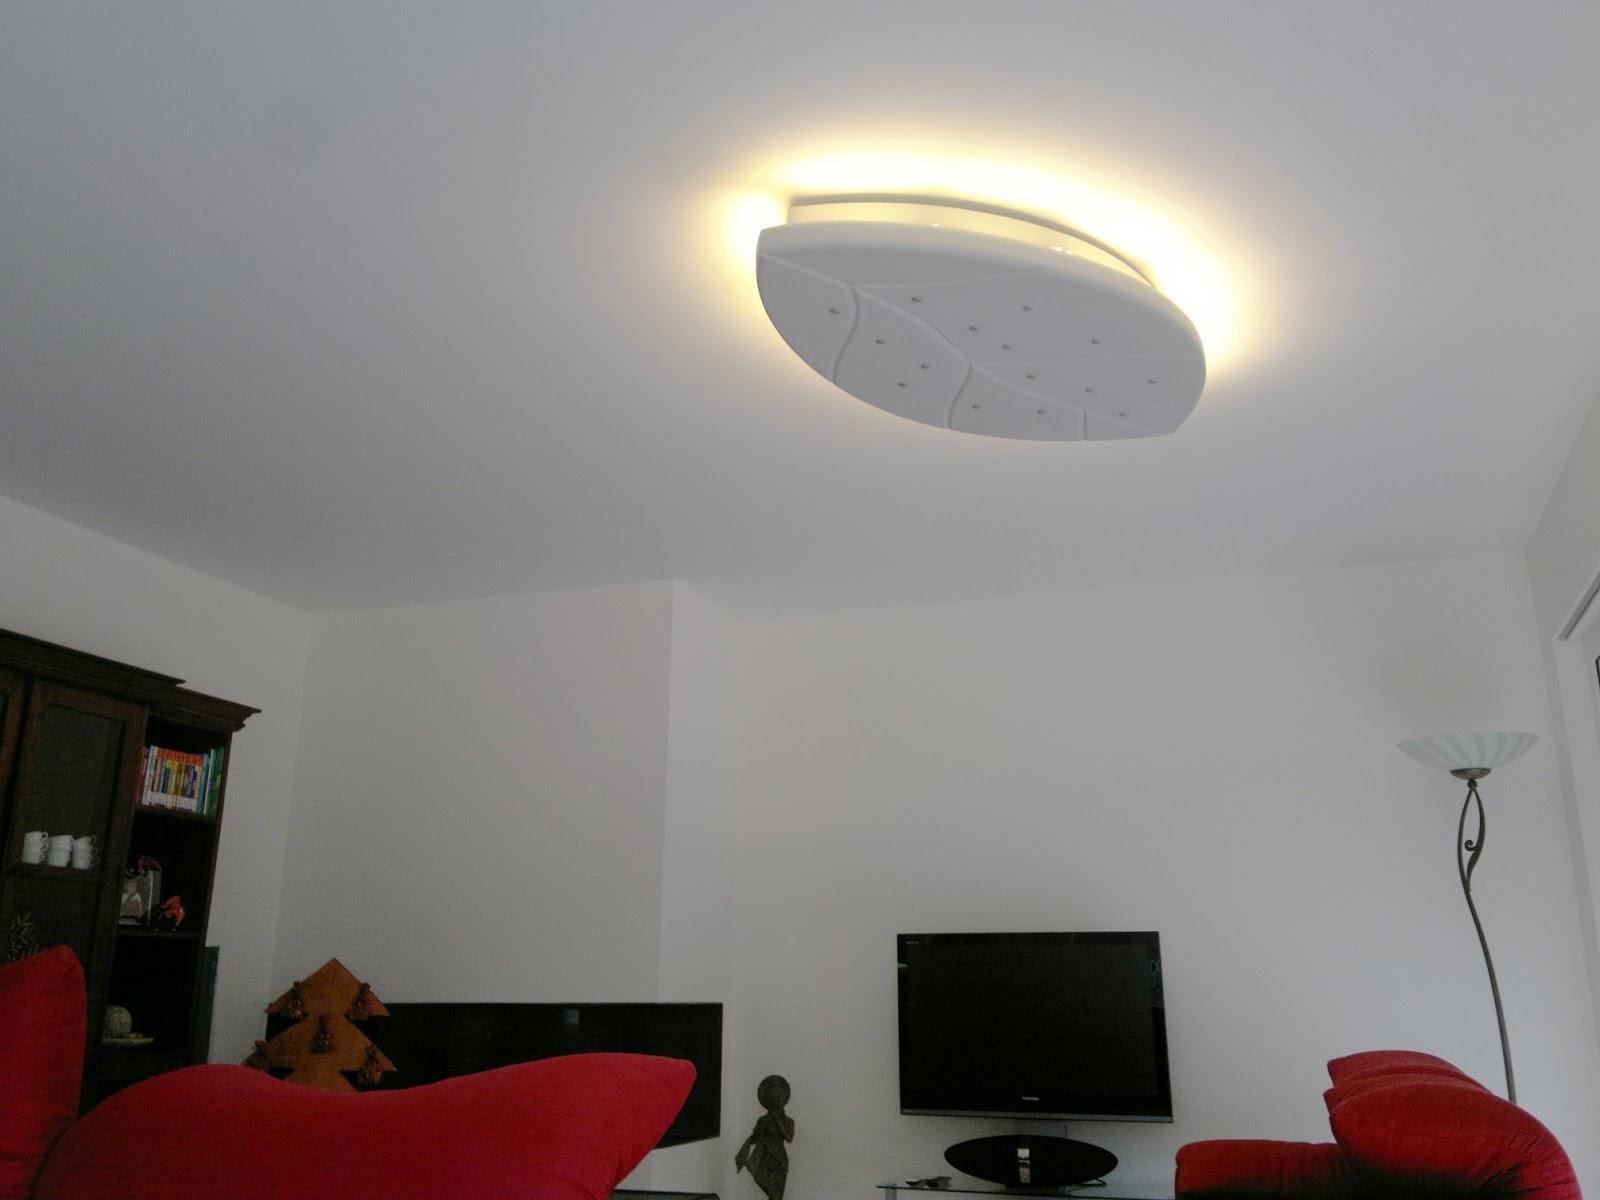 Illuminazione Ingresso Appartamento : Illuminazione led casa montreux u illuminazione led in un nuovo